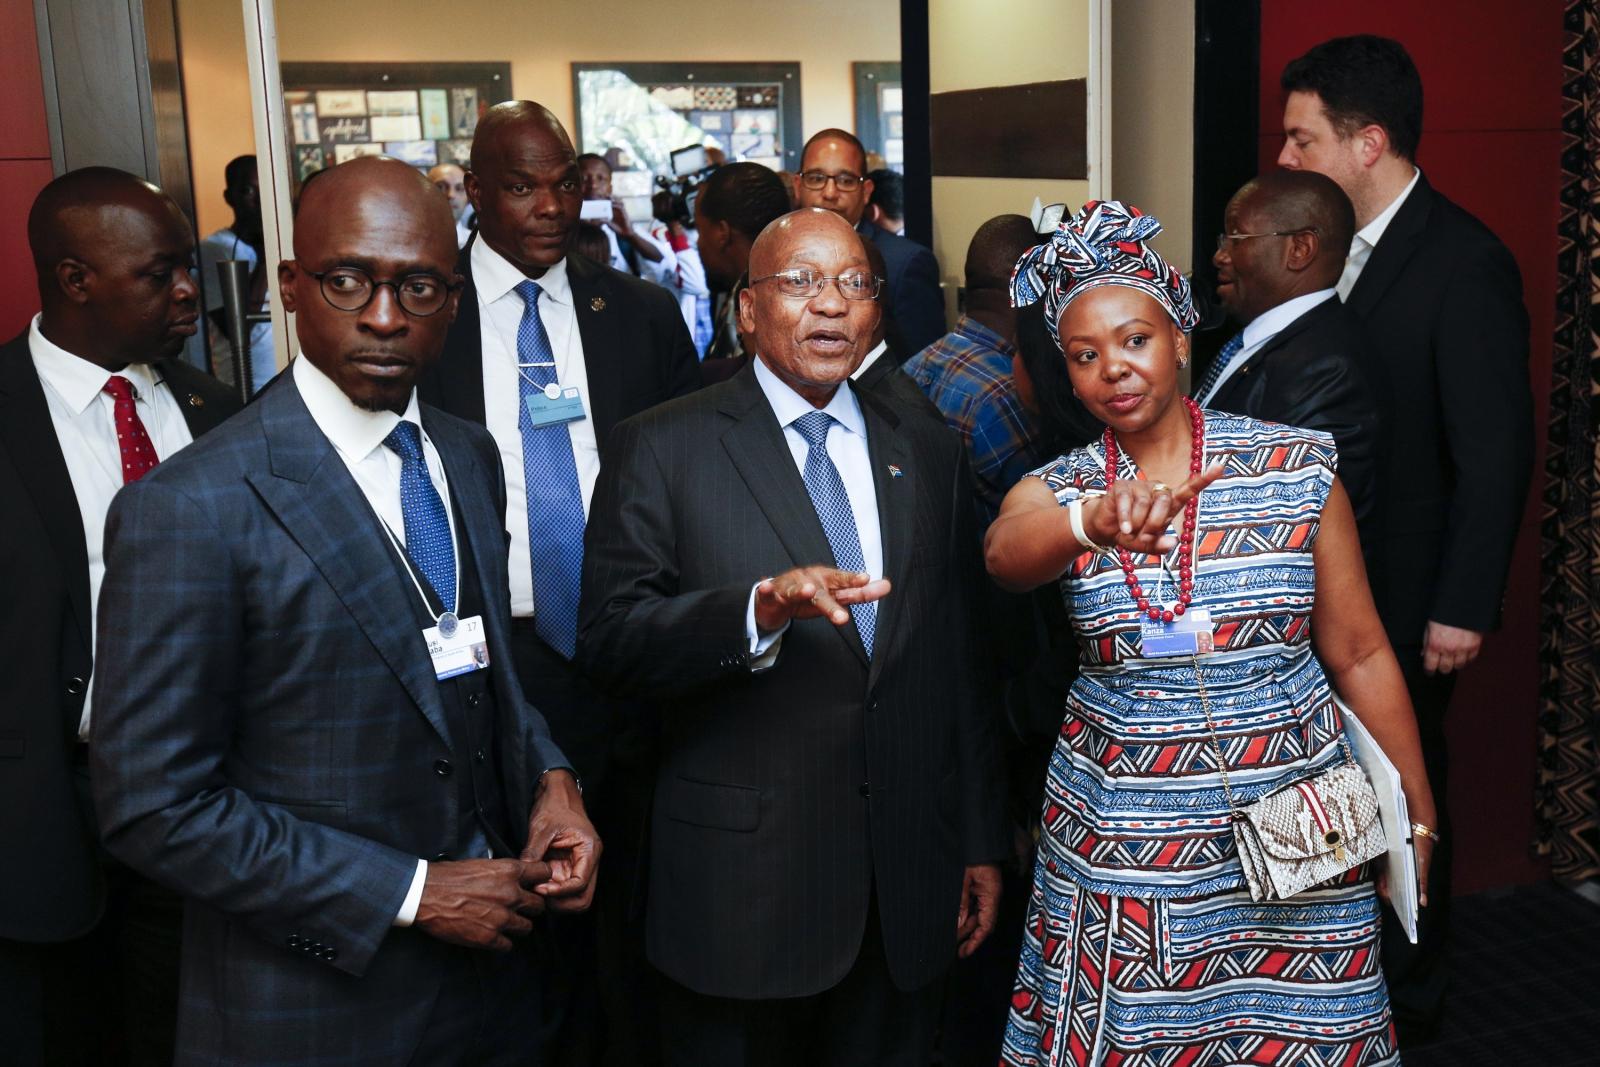 Światowe Forum Ekonomiczne 2017 w RPA. Fot. PAP/EPA/STRINGER